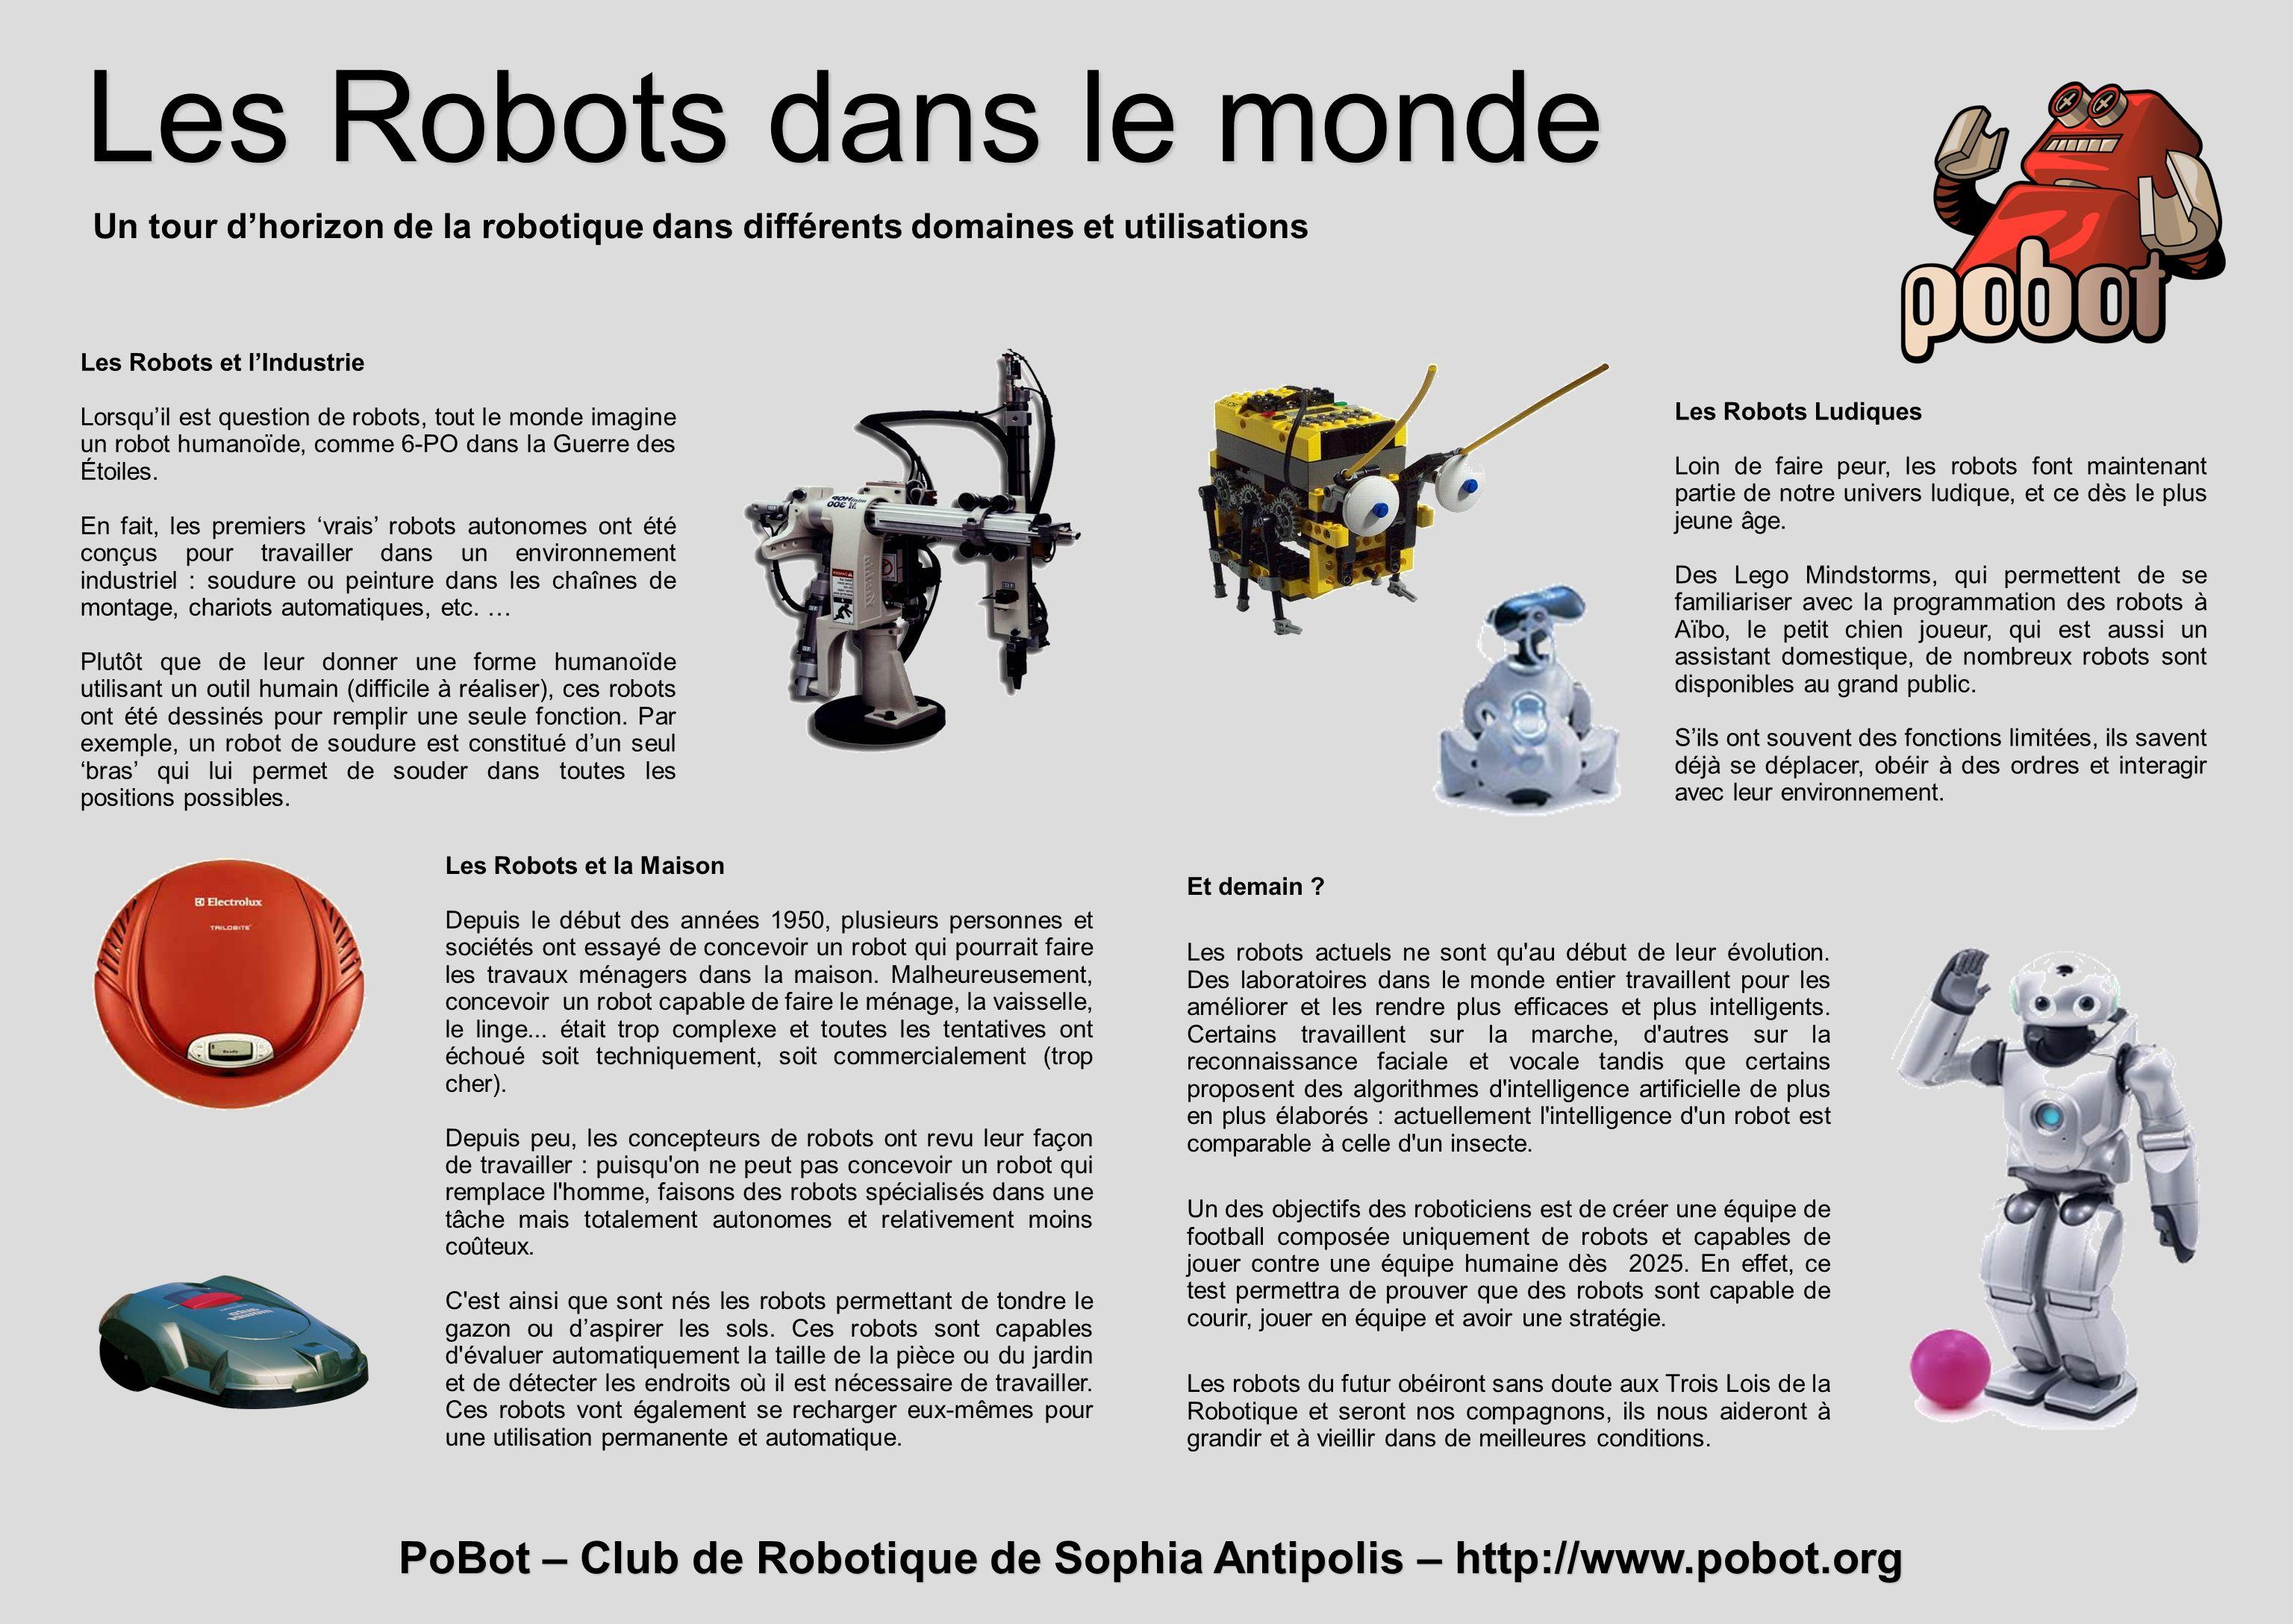 PoBot – Club de Robotique de Sophia Antipolis – http://www.pobot.org Les Robots dans le monde Les Robots et lIndustrie Lorsquil est question de robots, tout le monde imagine un robot humanoïde, comme 6-PO dans la Guerre des Étoiles.